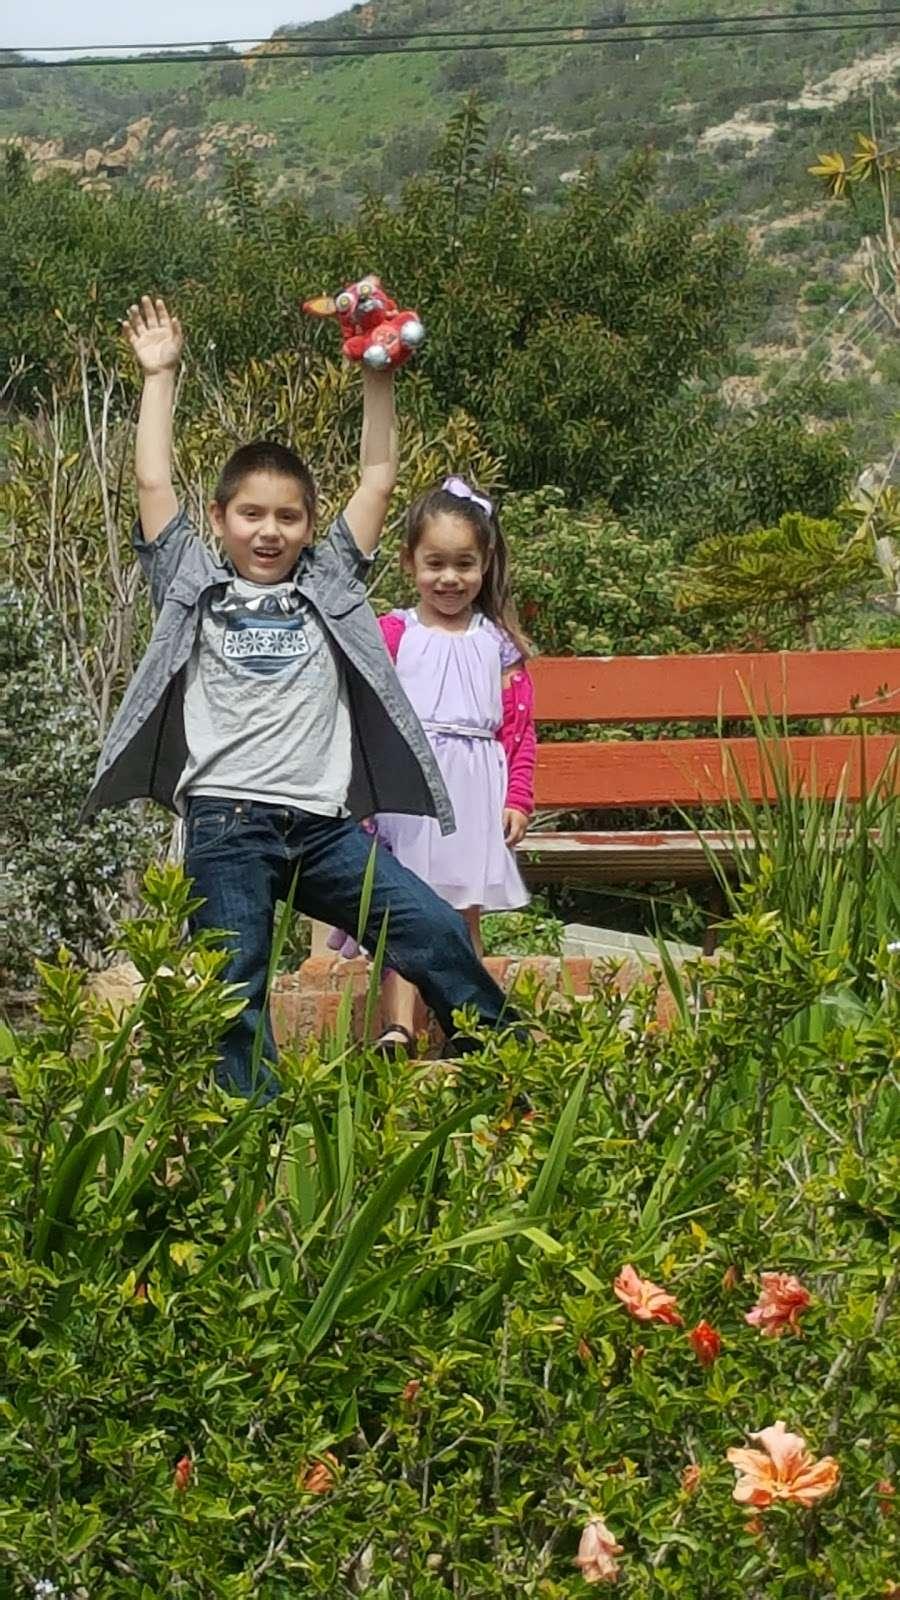 Our Lady of Malibu Catholic Church - church    Photo 9 of 10   Address: 3625 Winter Canyon Rd, Malibu, CA 90265, USA   Phone: (310) 456-2361